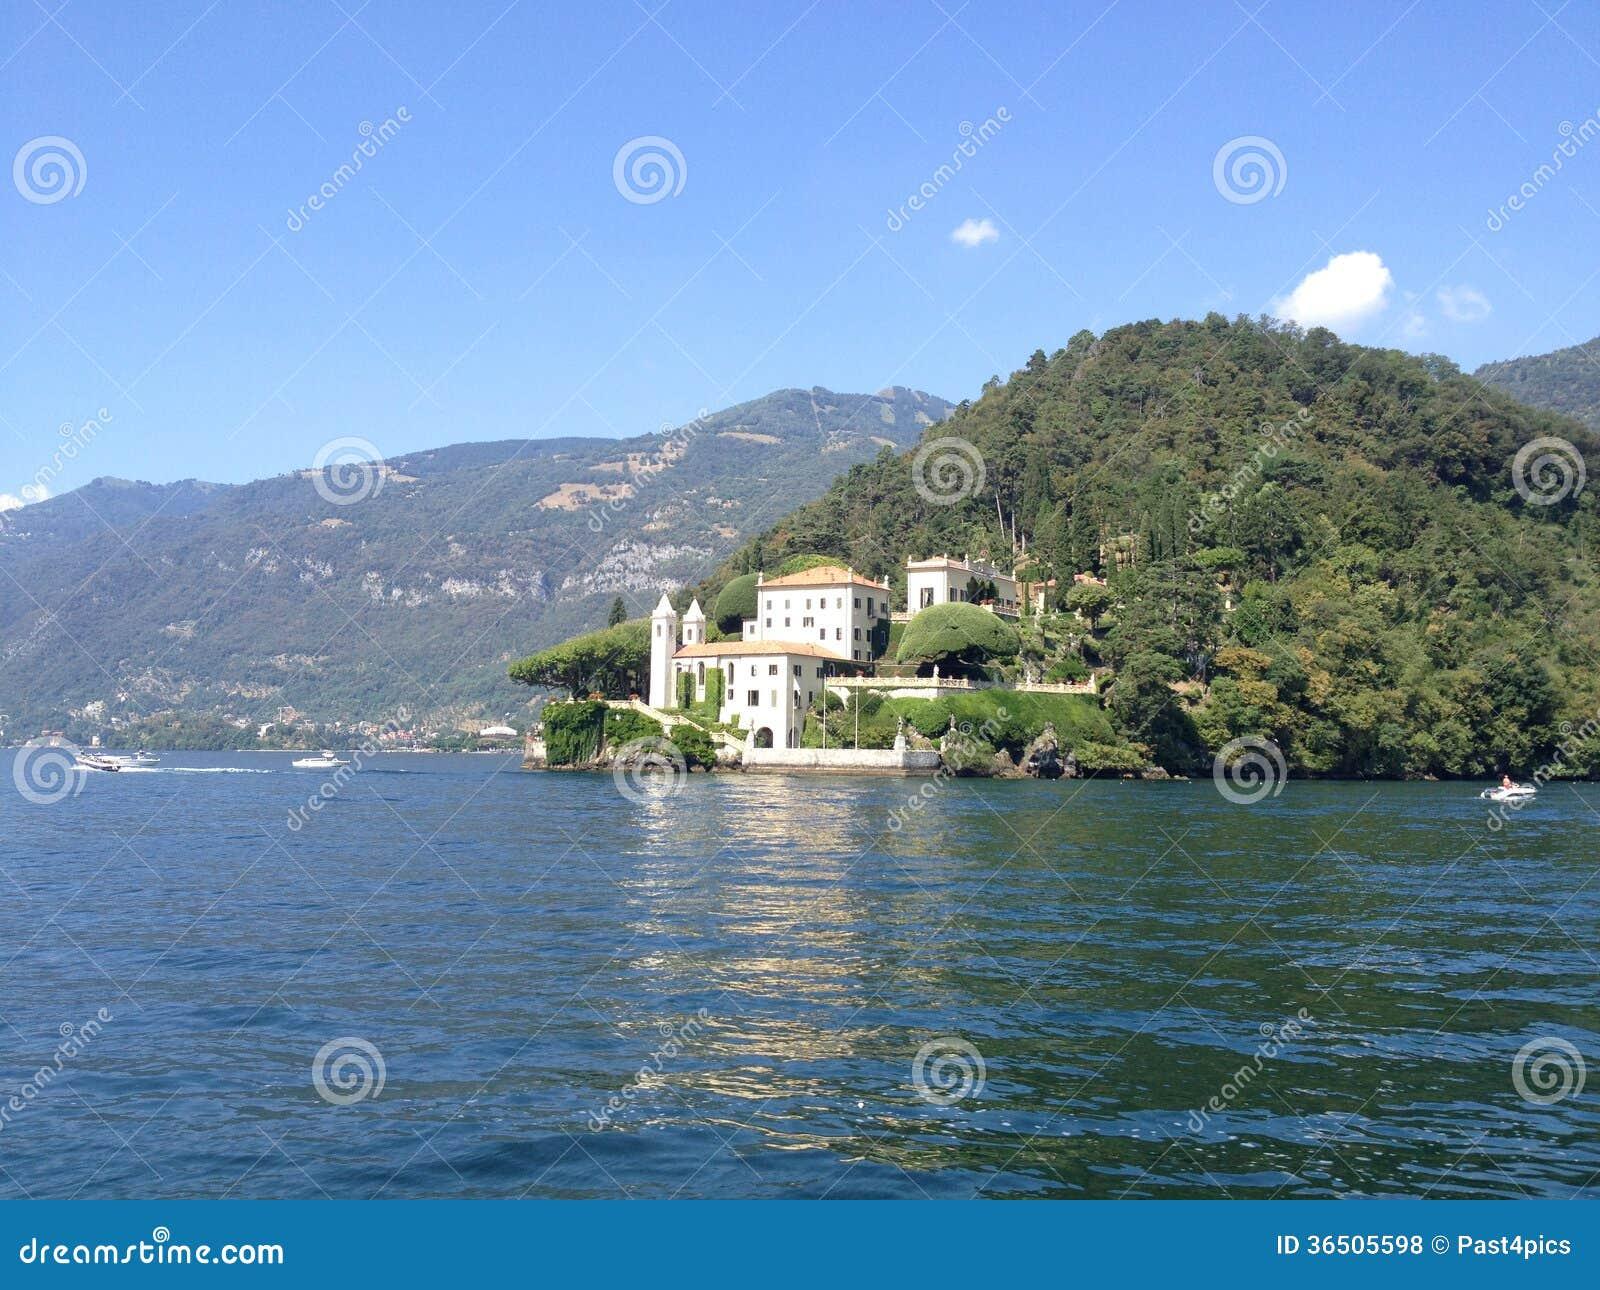 Villa Balbianello - lac Como, Italie